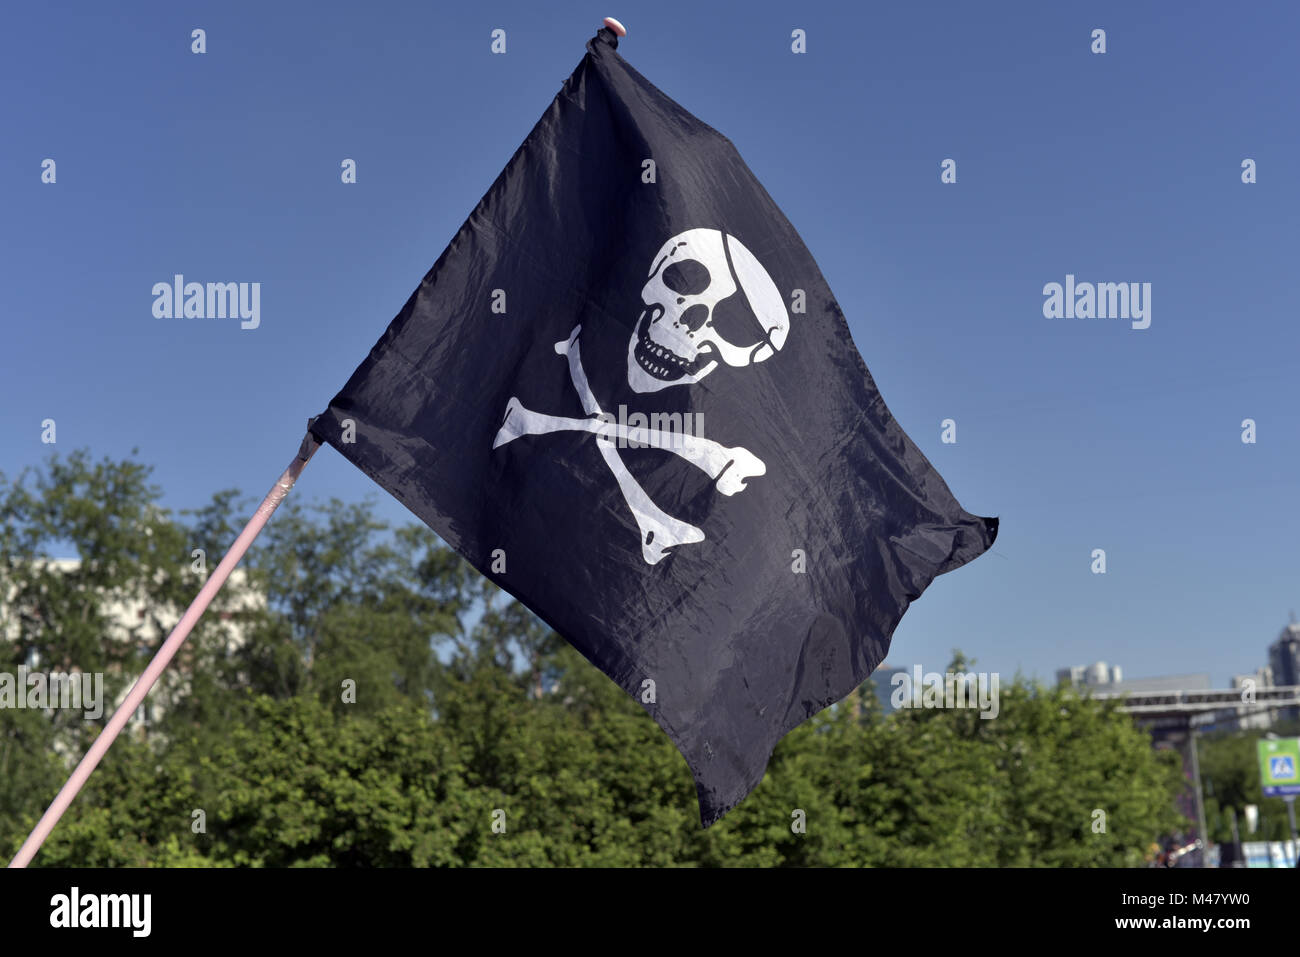 Bandiera pirata battenti nel festival di cultura giovanile Immagini Stock